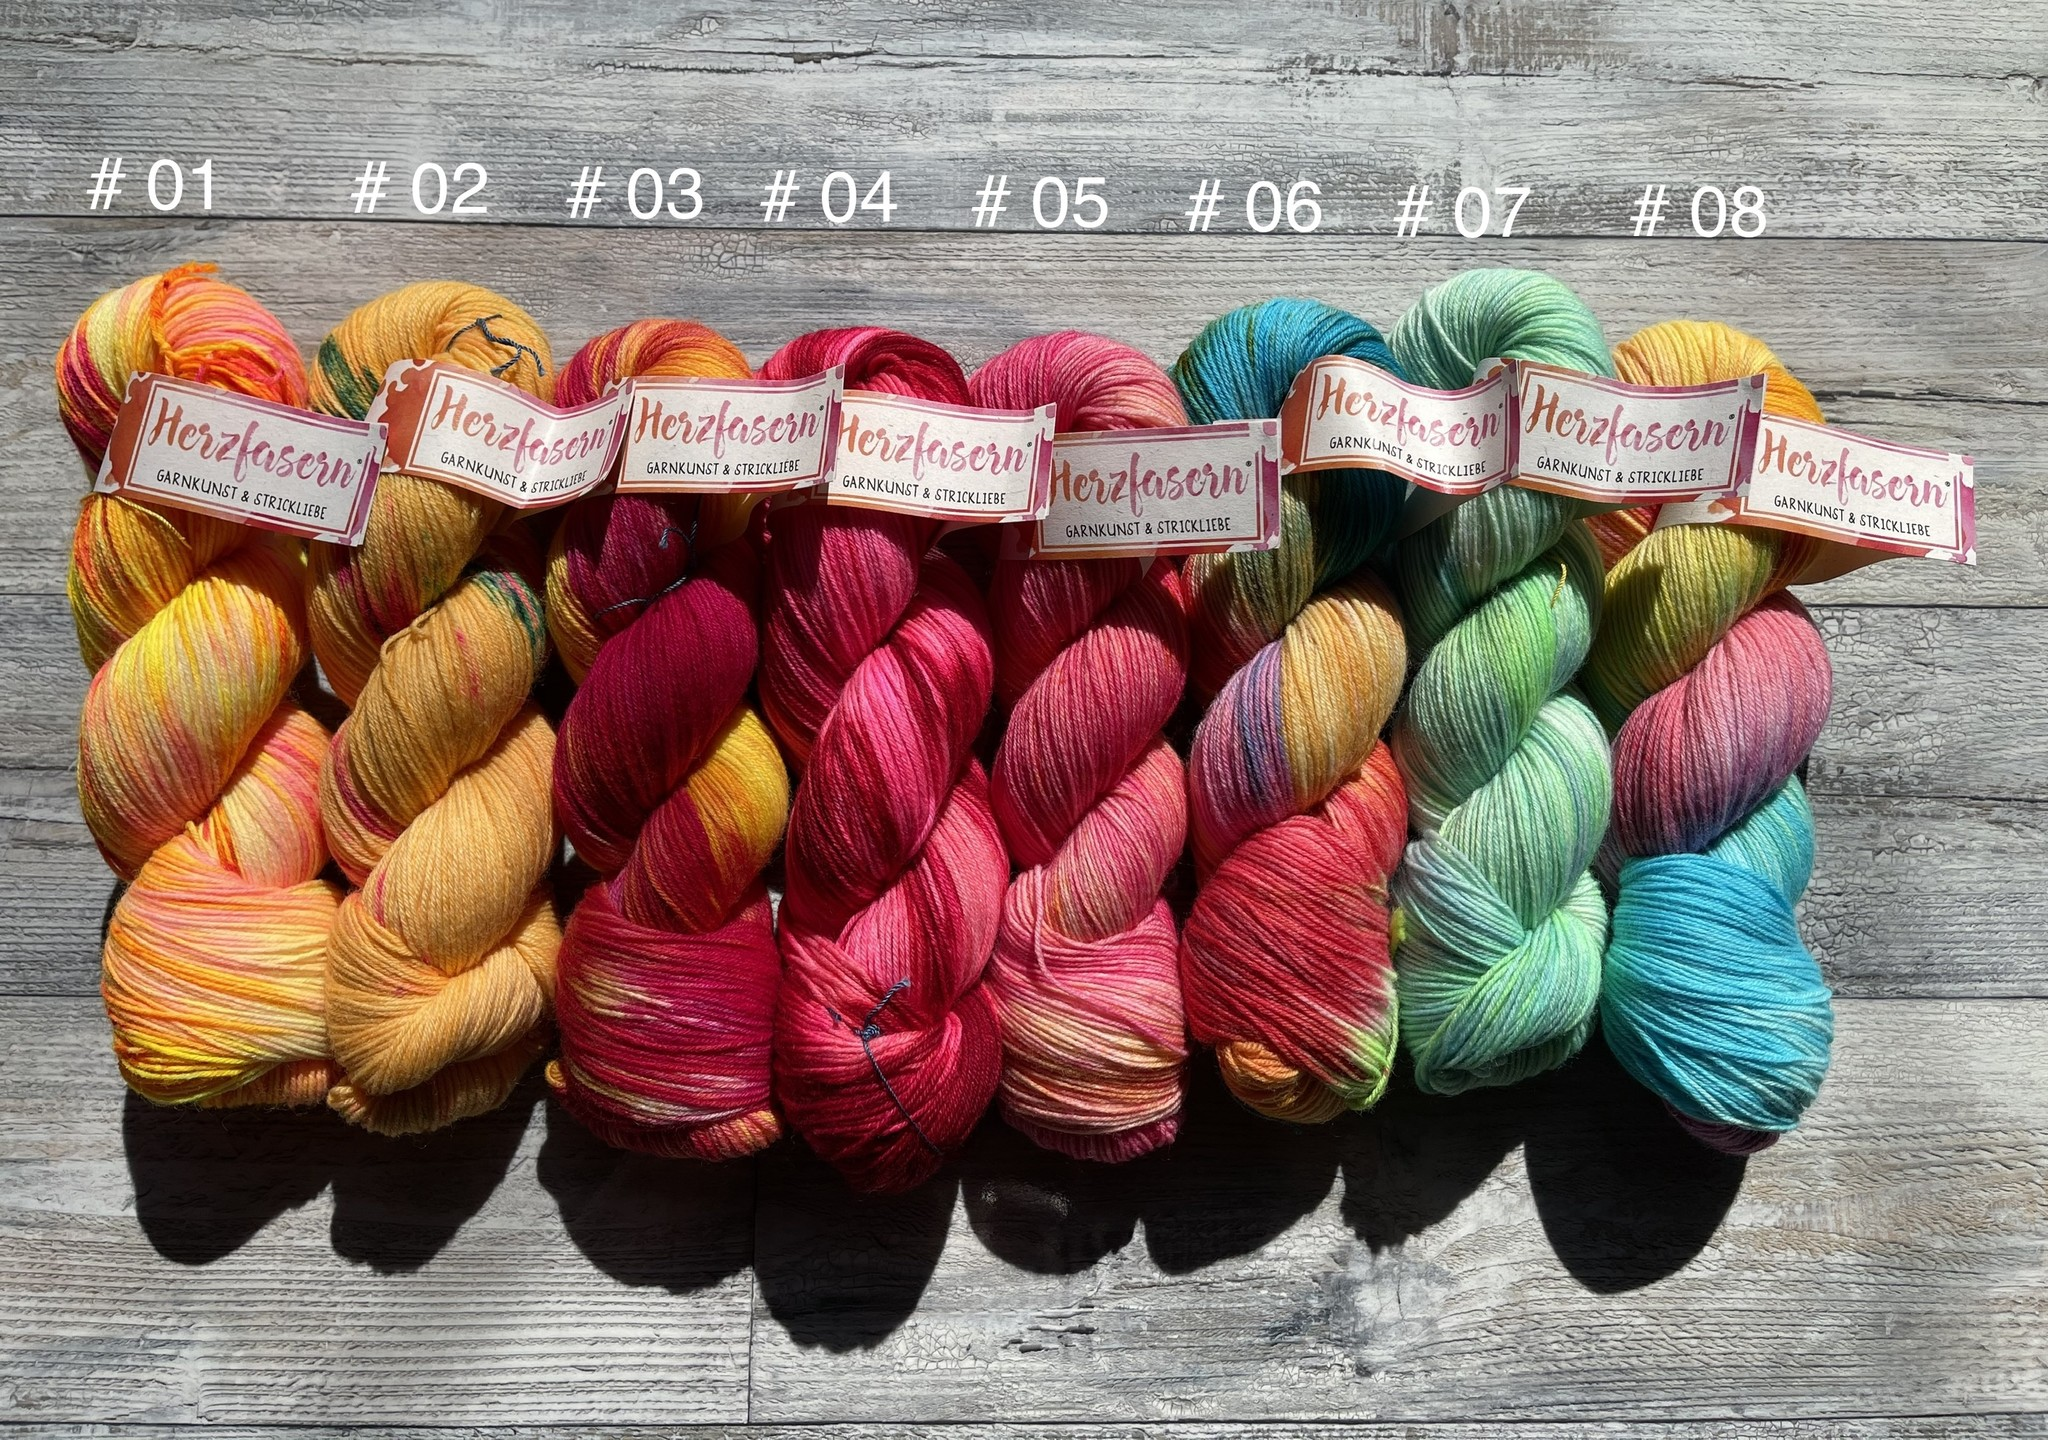 Herzfasern Sockenwolle - Wunschpaket aus unserer Frü-So Kollektion - Copy